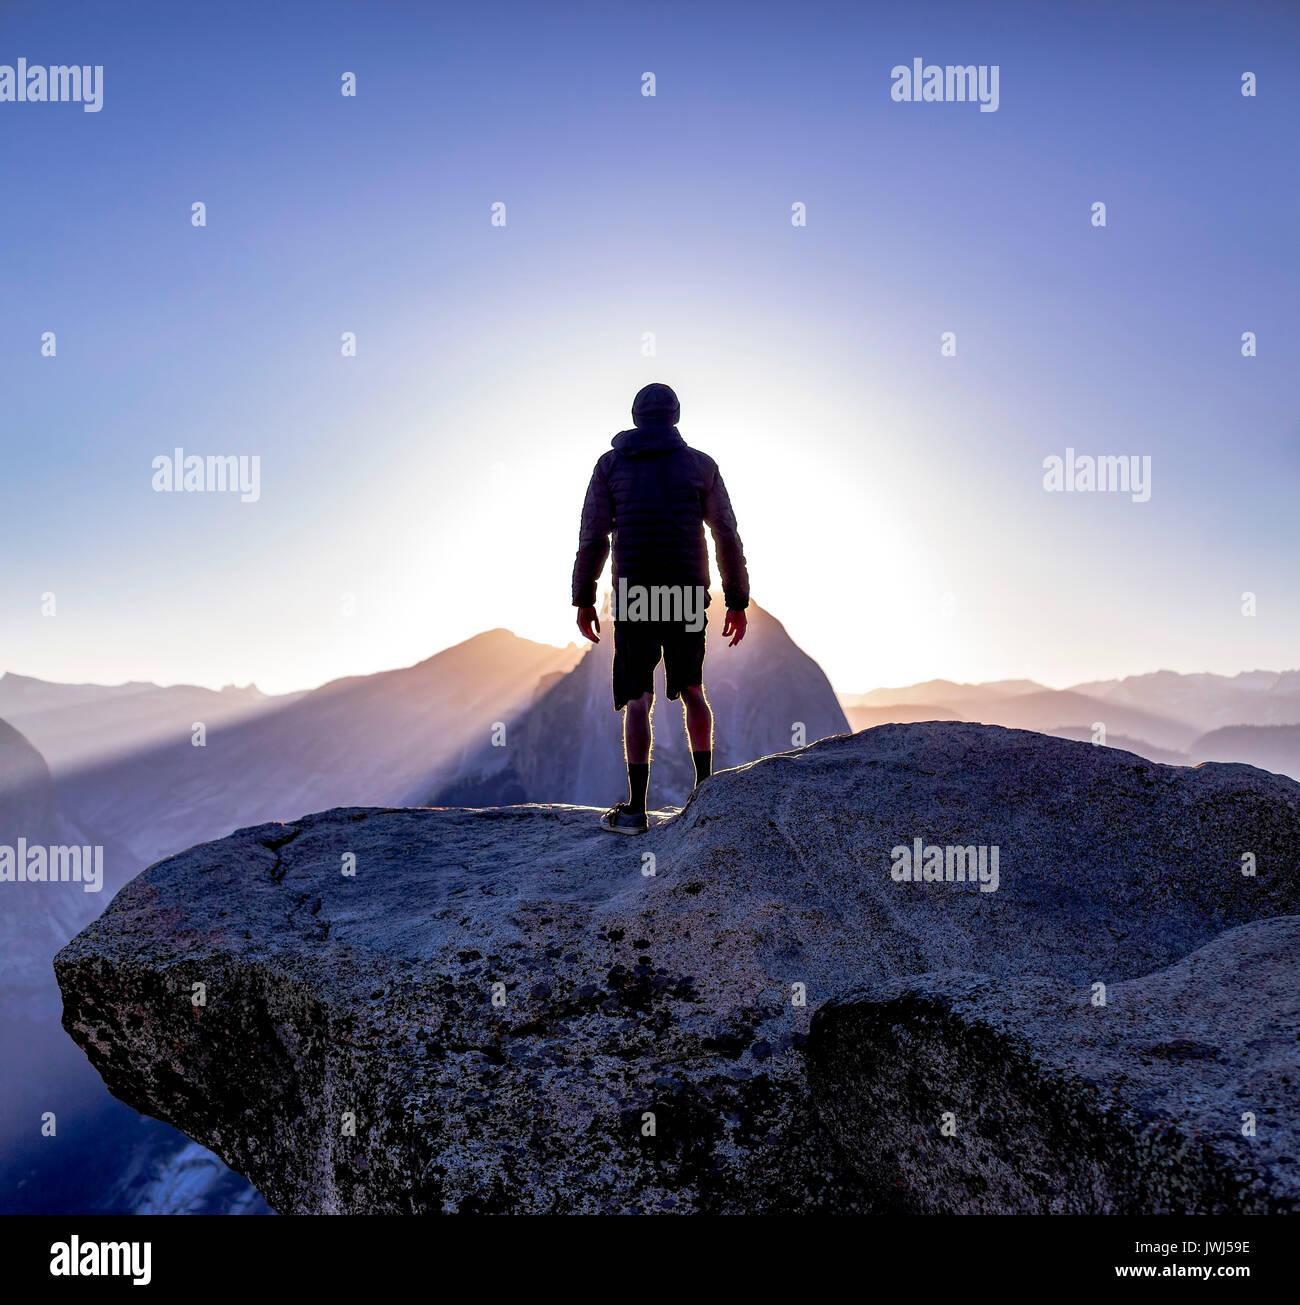 Il ghiacciaio e il punto di vista di mezza cupola con persona cercando off silhouette. Sunrise viste dal punto ghiacciaio fino al bordo della scogliera Immagini Stock